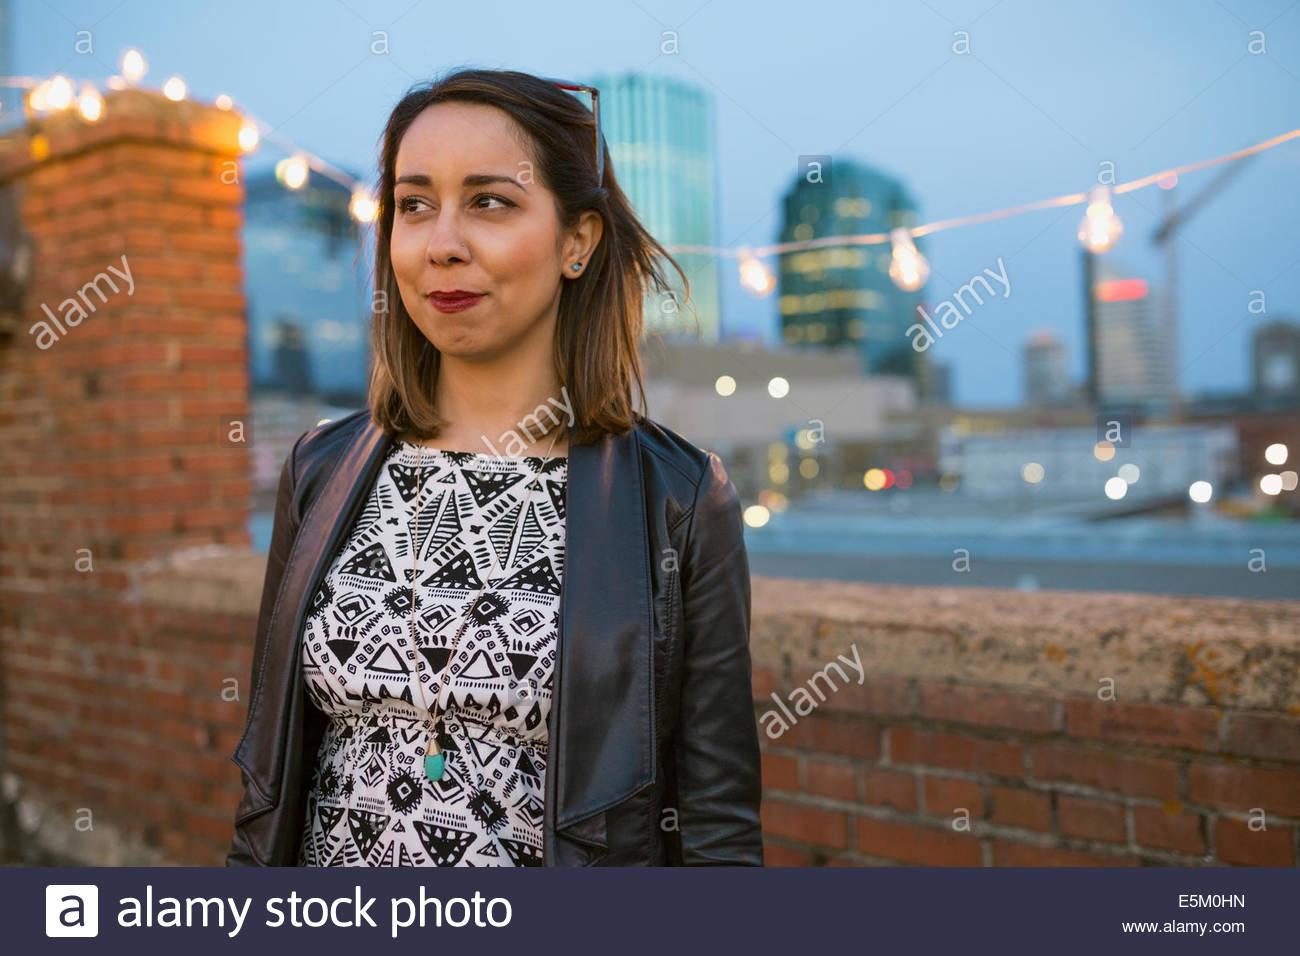 Donna sorridente che guarda lontano sul tetto urbano Immagini Stock